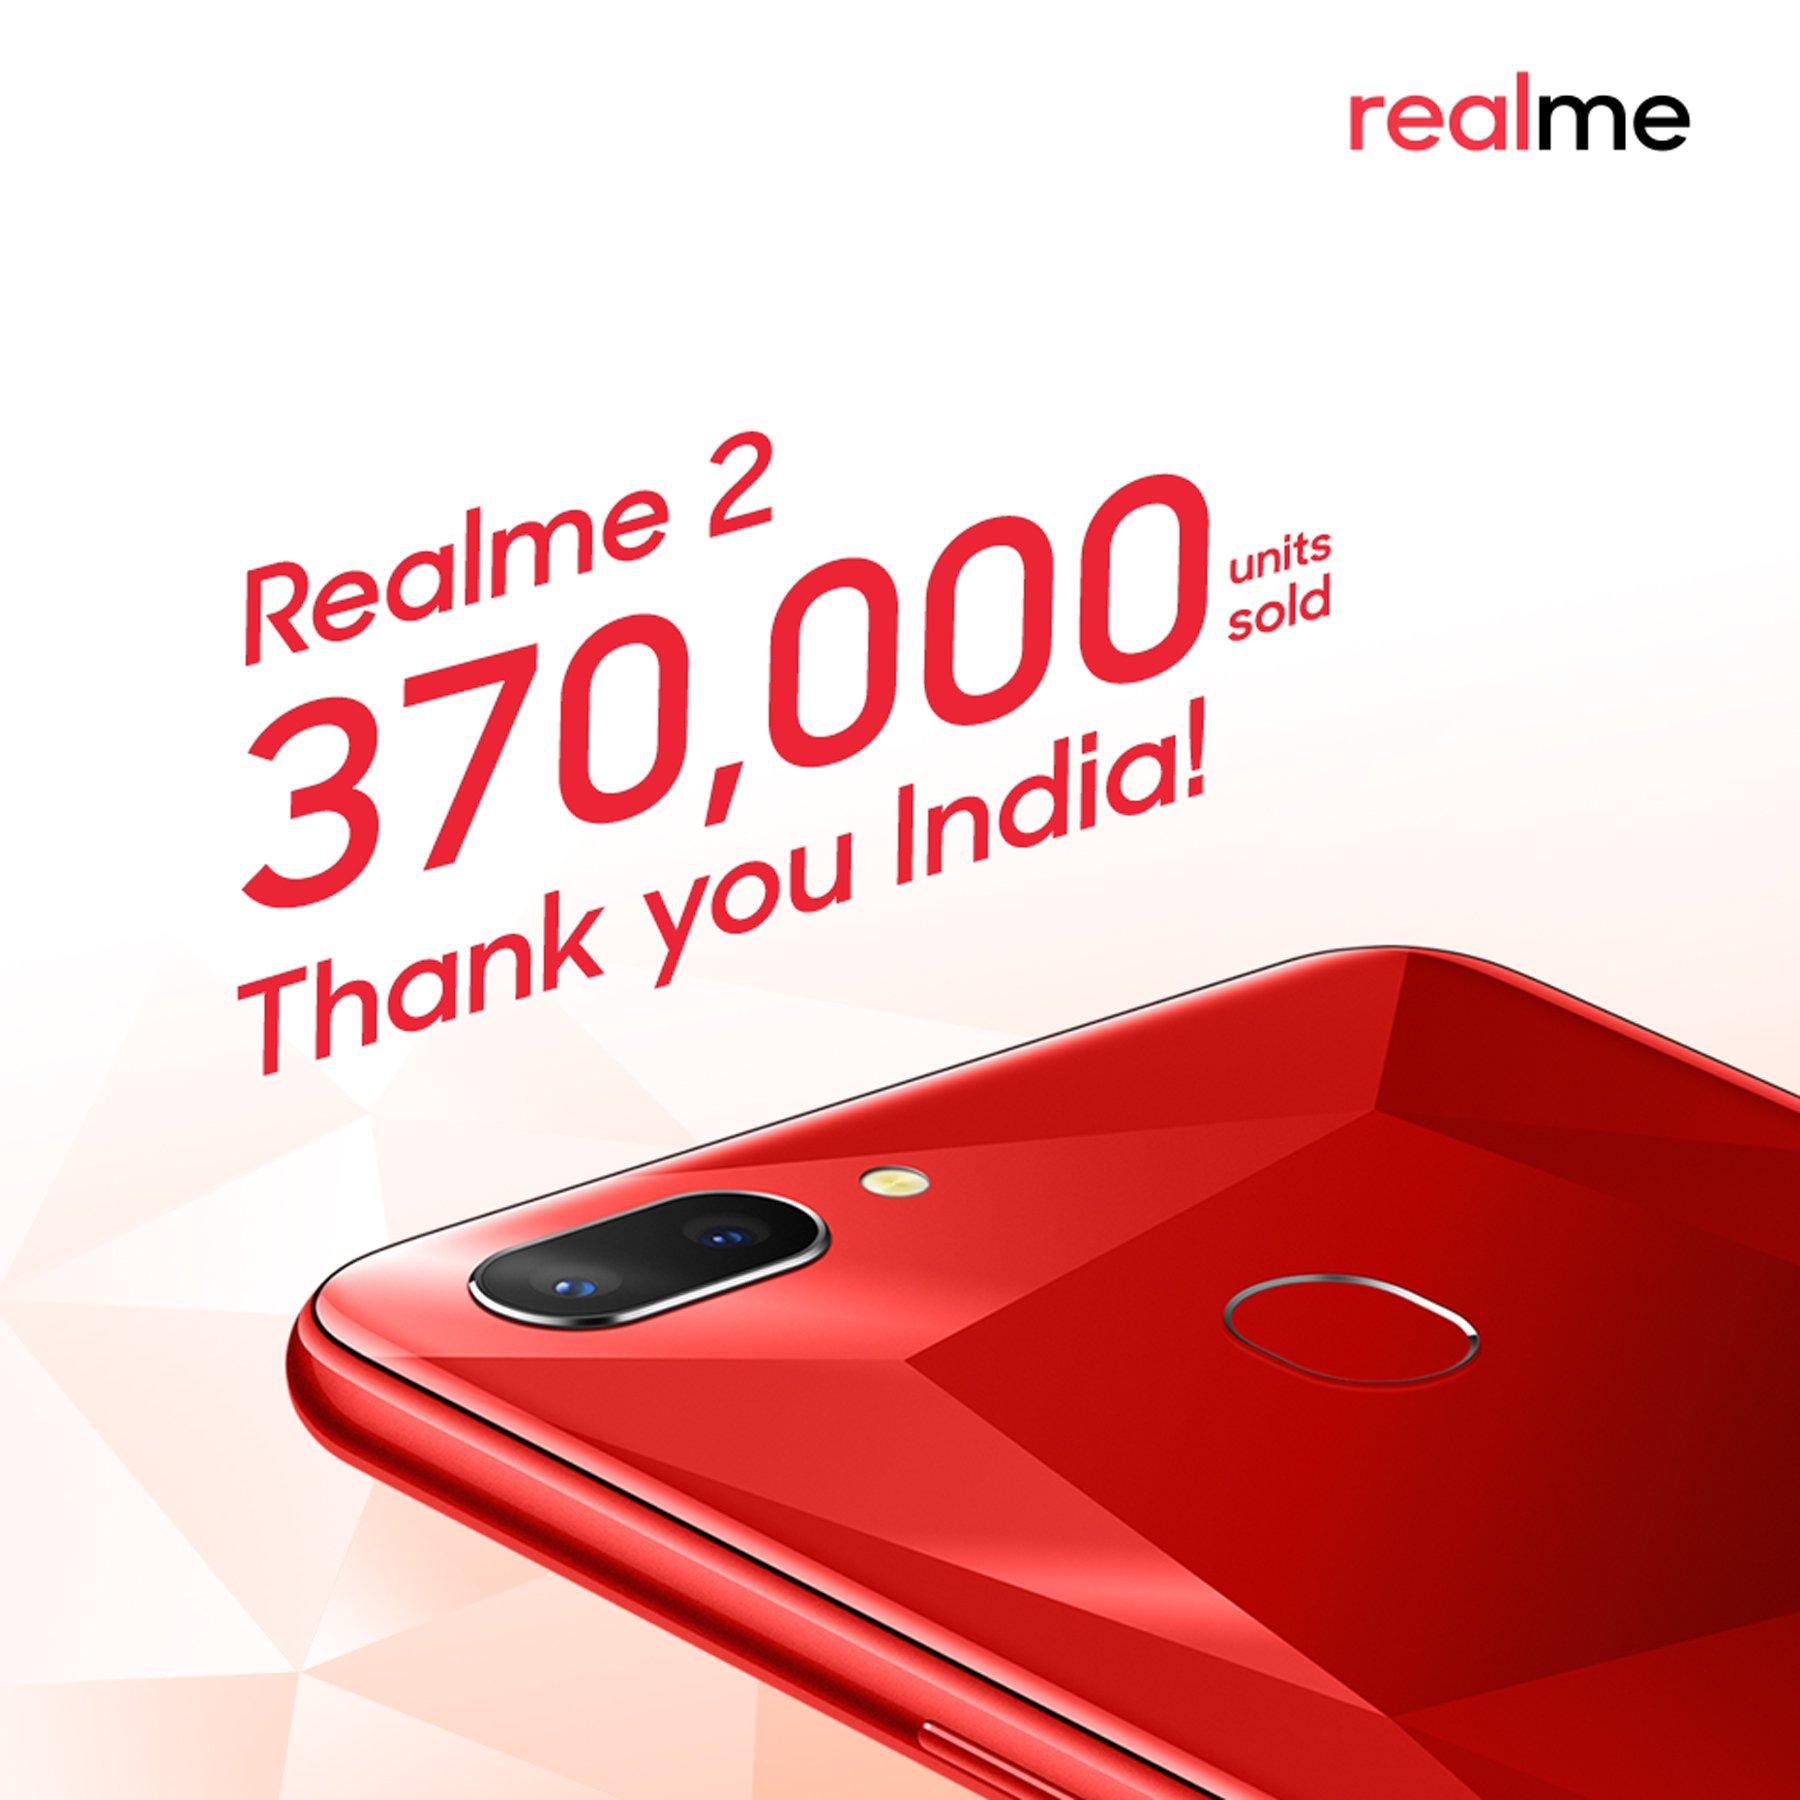 Realme 2 sales